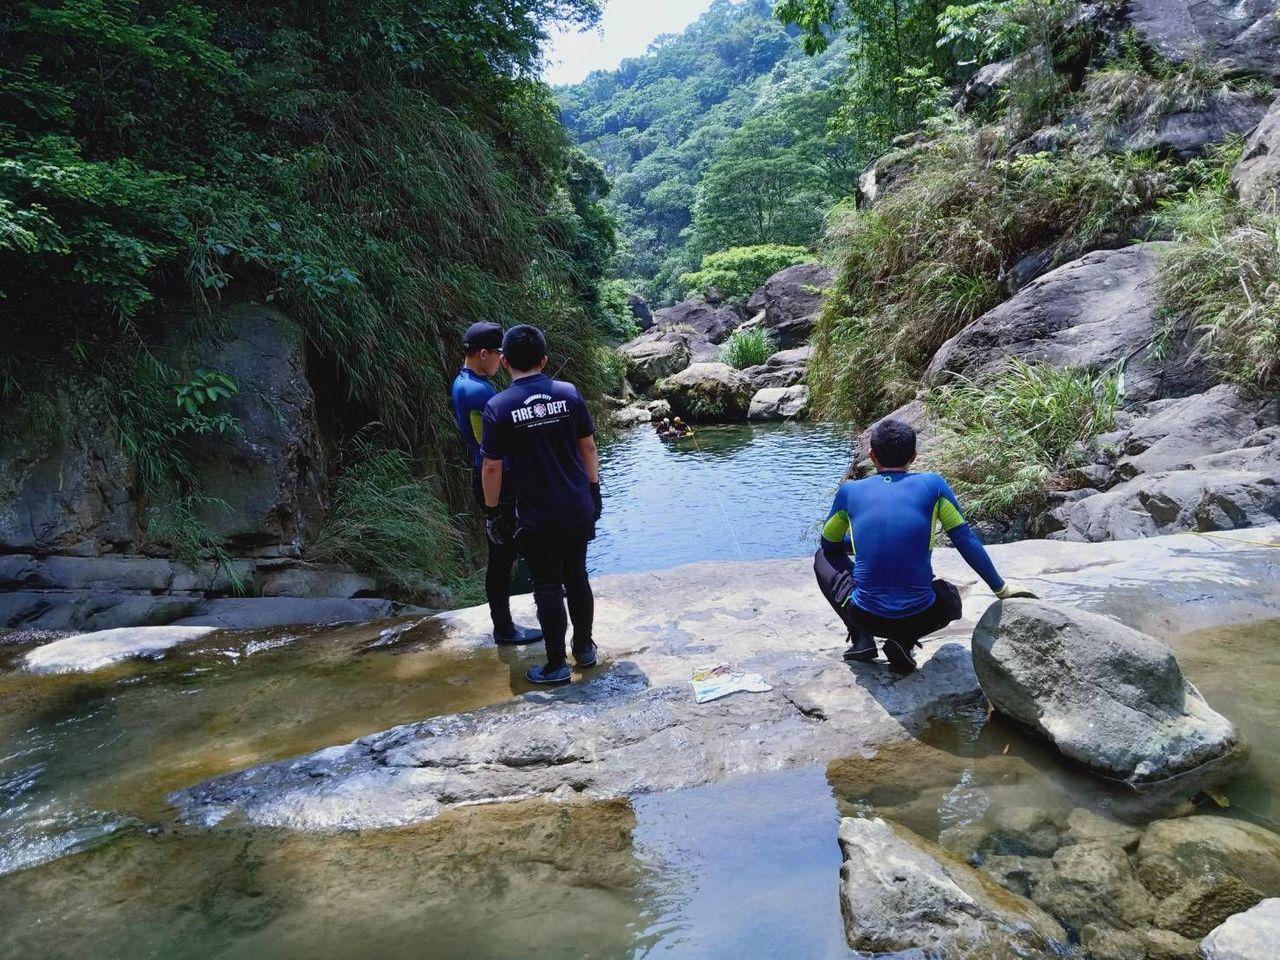 台中市太平區仙女瀑布今天傳出男子溺水事件,警消獲報前往尋人,發現男子已明顯死亡。...